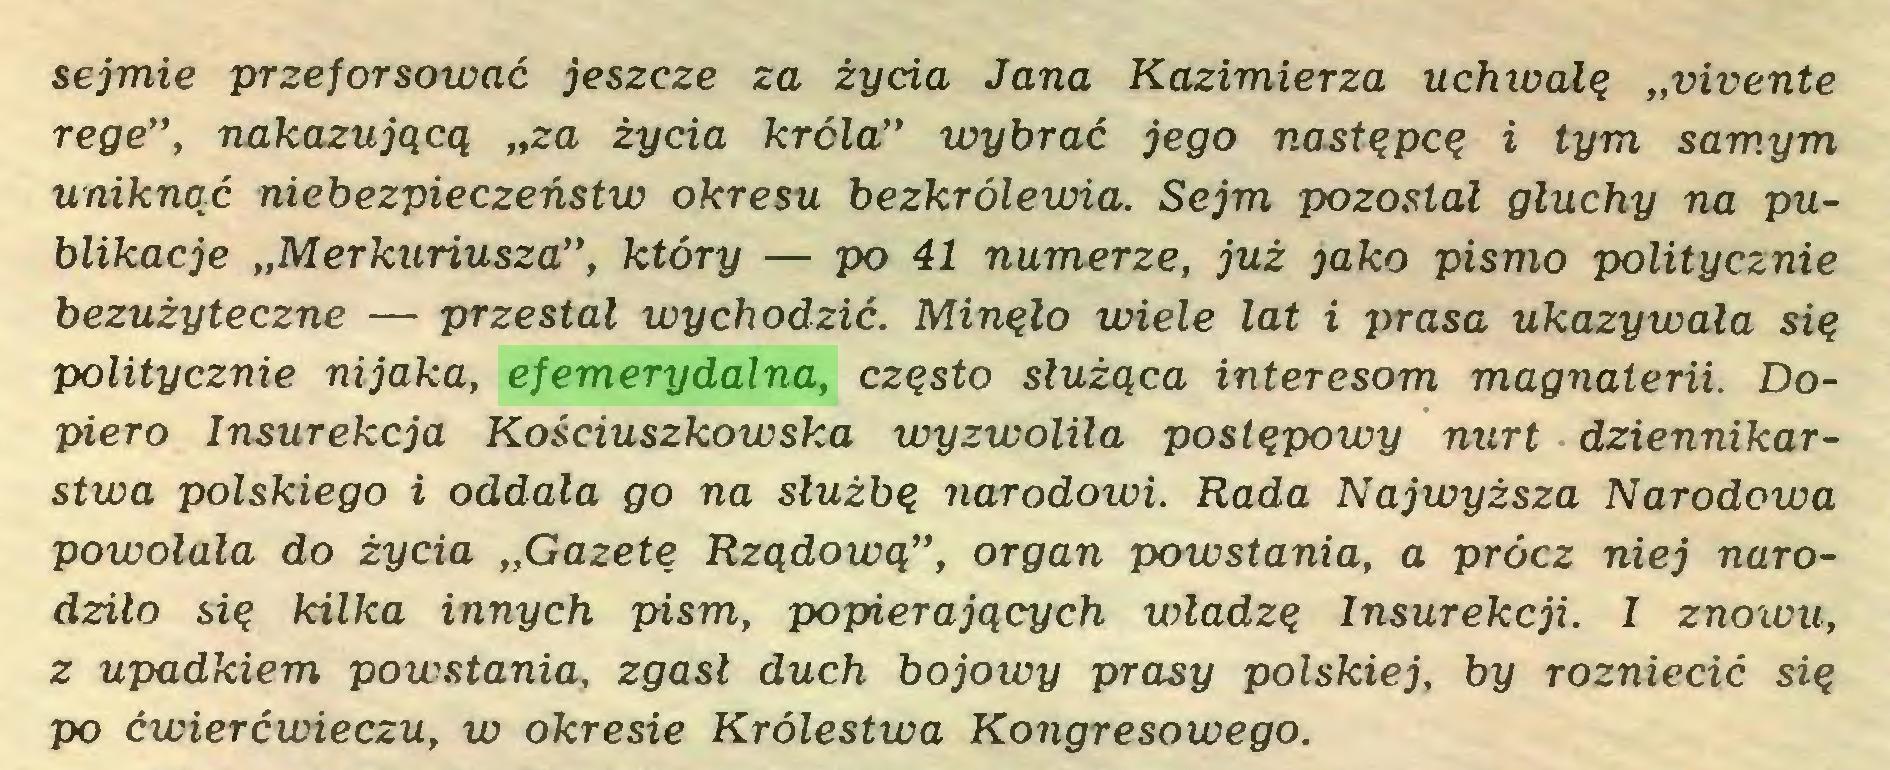 """(...) sejmie przeforsować jeszcze za życia Jana Kazimierza uchwalą """"vivente rege"""", nakazującą """"za życia króla"""" wybrać jego następcą i tym samym uniknąć niebezpieczeństw okresu bezkrólewia. Sejm pozostał głuchy na publikacje """"Merkuriusza"""", który — po 41 numerze, już jako pismo politycznie bezużyteczne — przestał wychodzić. Minąło wiele lat i prasa ukazywała sią politycznie nijaka, efemerydalna, cząsto służąca interesom magnaterii. Dopiero Insurekcja Kościuszkowska wyzwoliła postępowy nurt dziennikarstwa polskiego i oddala go na służbę narodowi. Rada Najwyższa Narodowa powołała do życia """"Gazetę Rządową"""", organ powstania, a prócz niej narodziło się kilka innych pism, popierających władzę Insurekcji. I znowu, z upadkiem powstania, zgasł duch bojowy prasy polskiej, by rozniecić się po ćwierćwieczu, w okresie Królestwa Kongresowego..."""